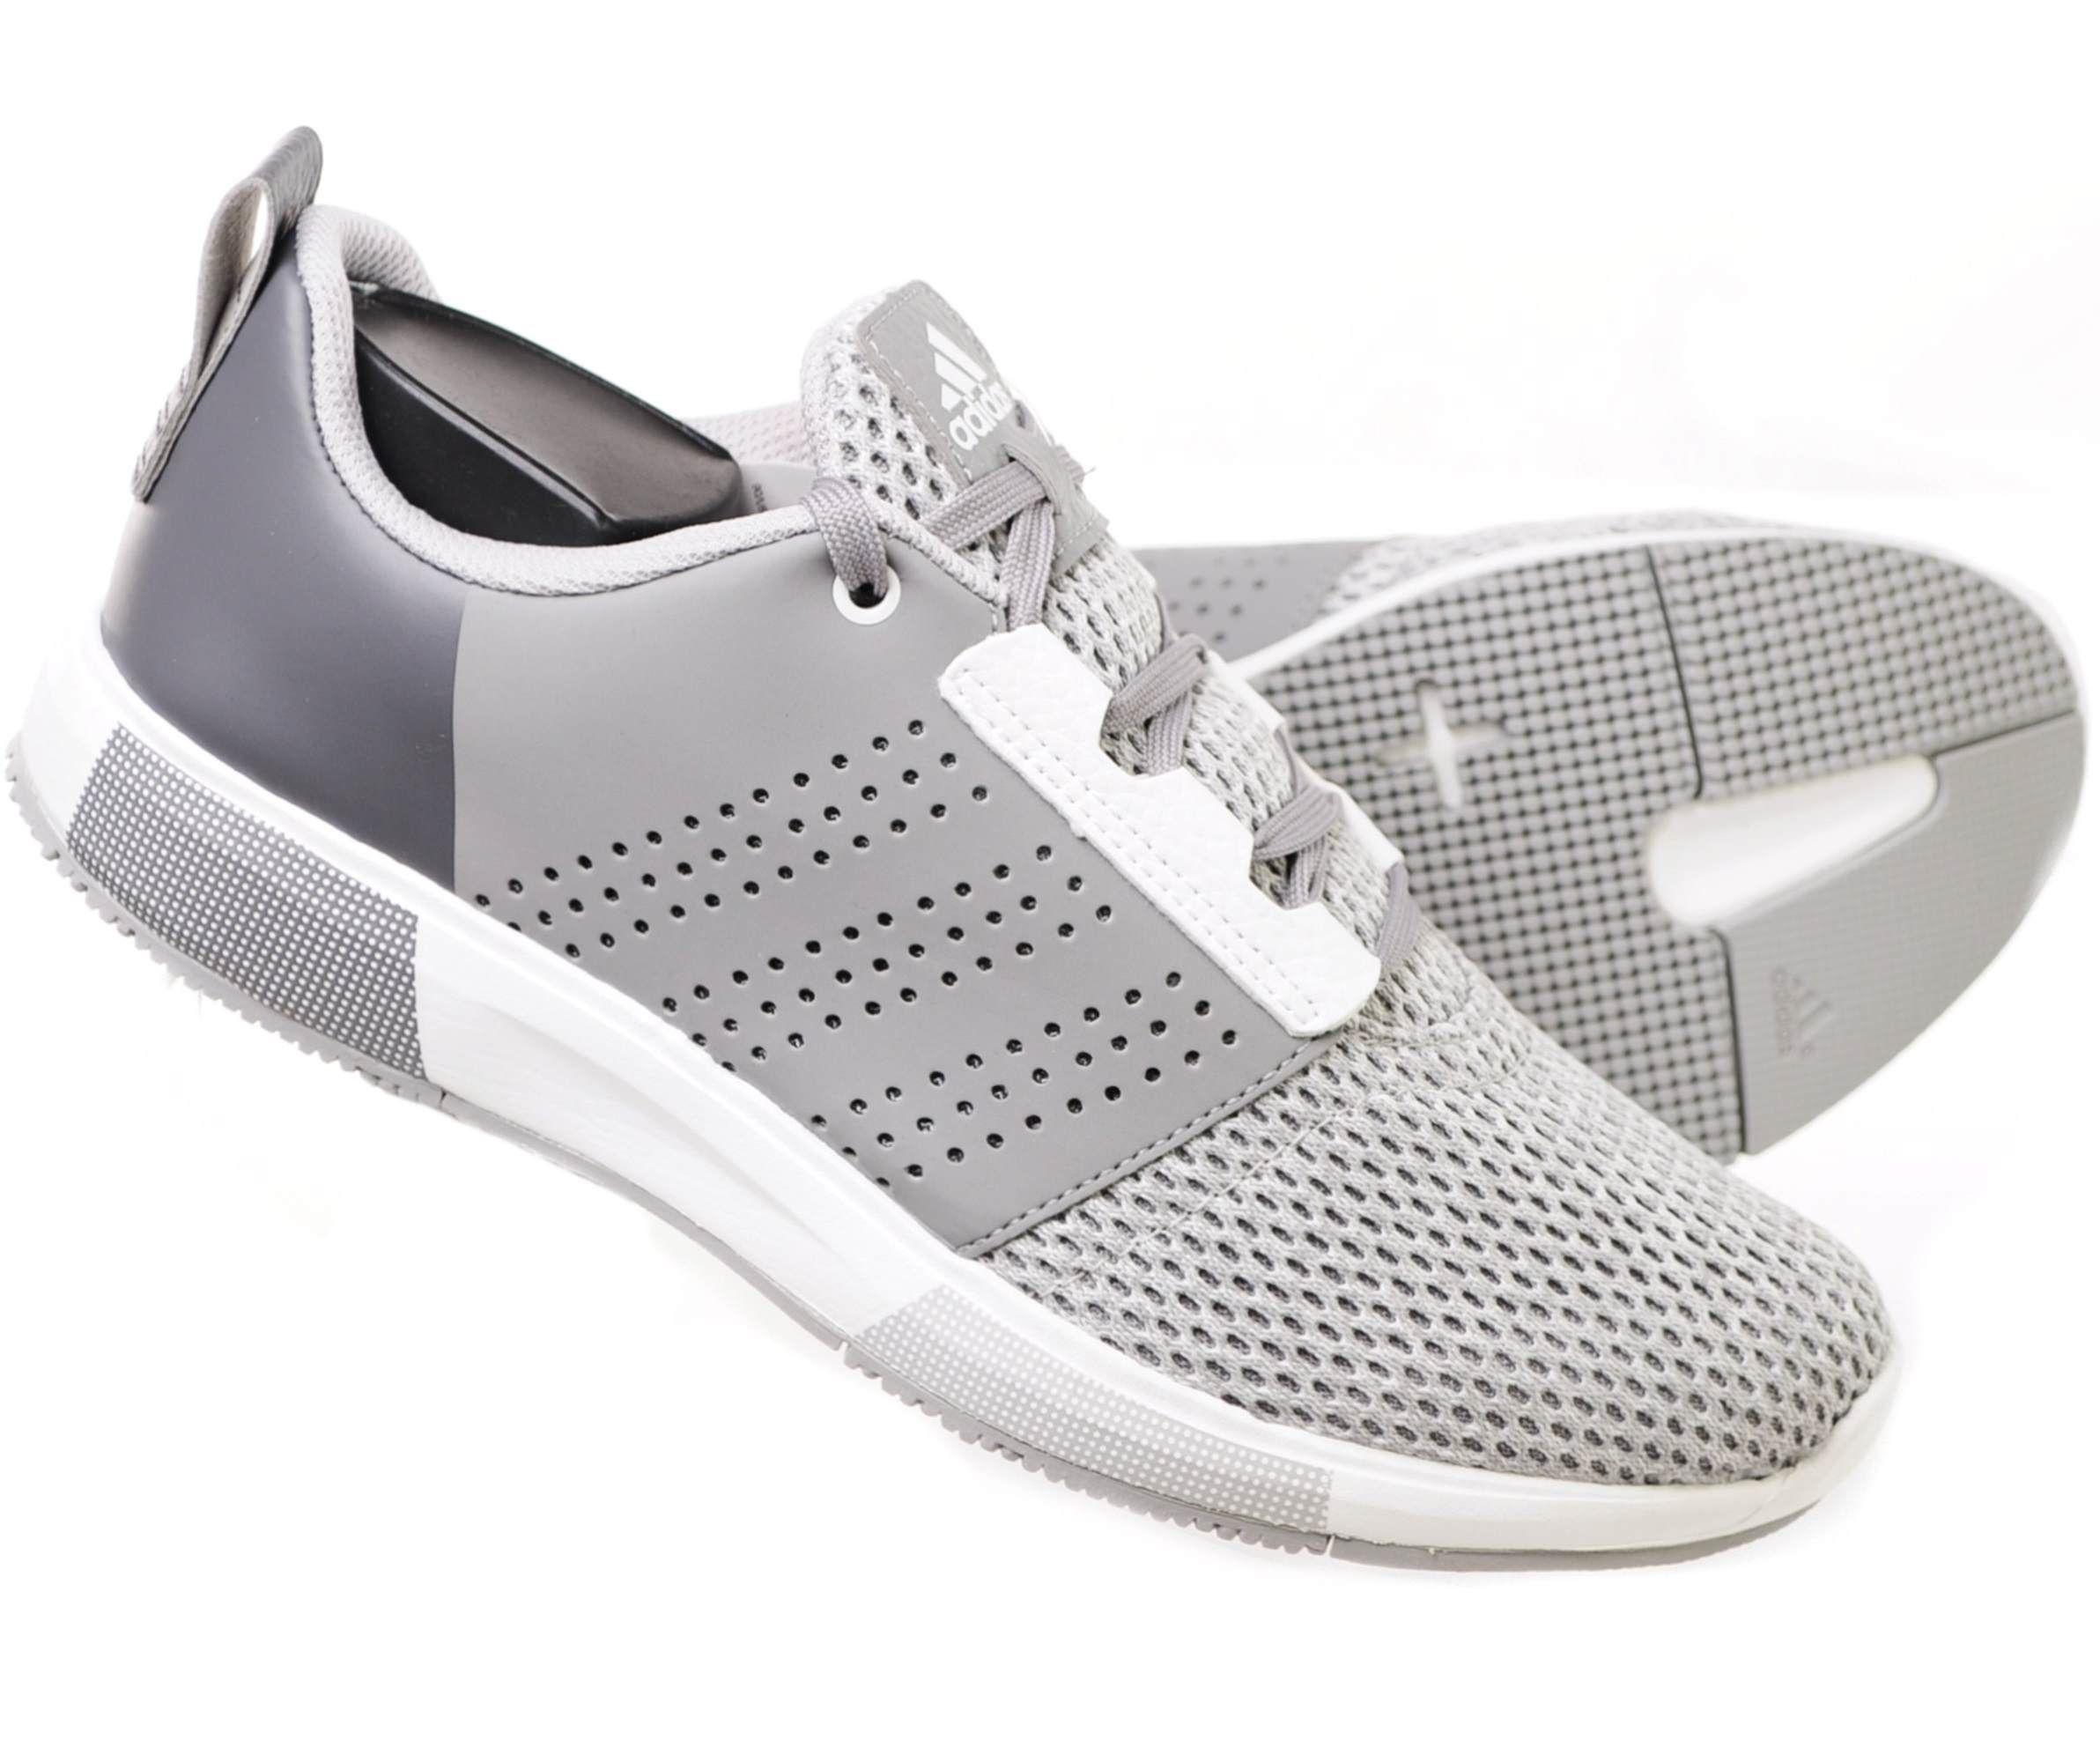 Buty damskie Adidas Madoru 2 AF5377 r. 39 13